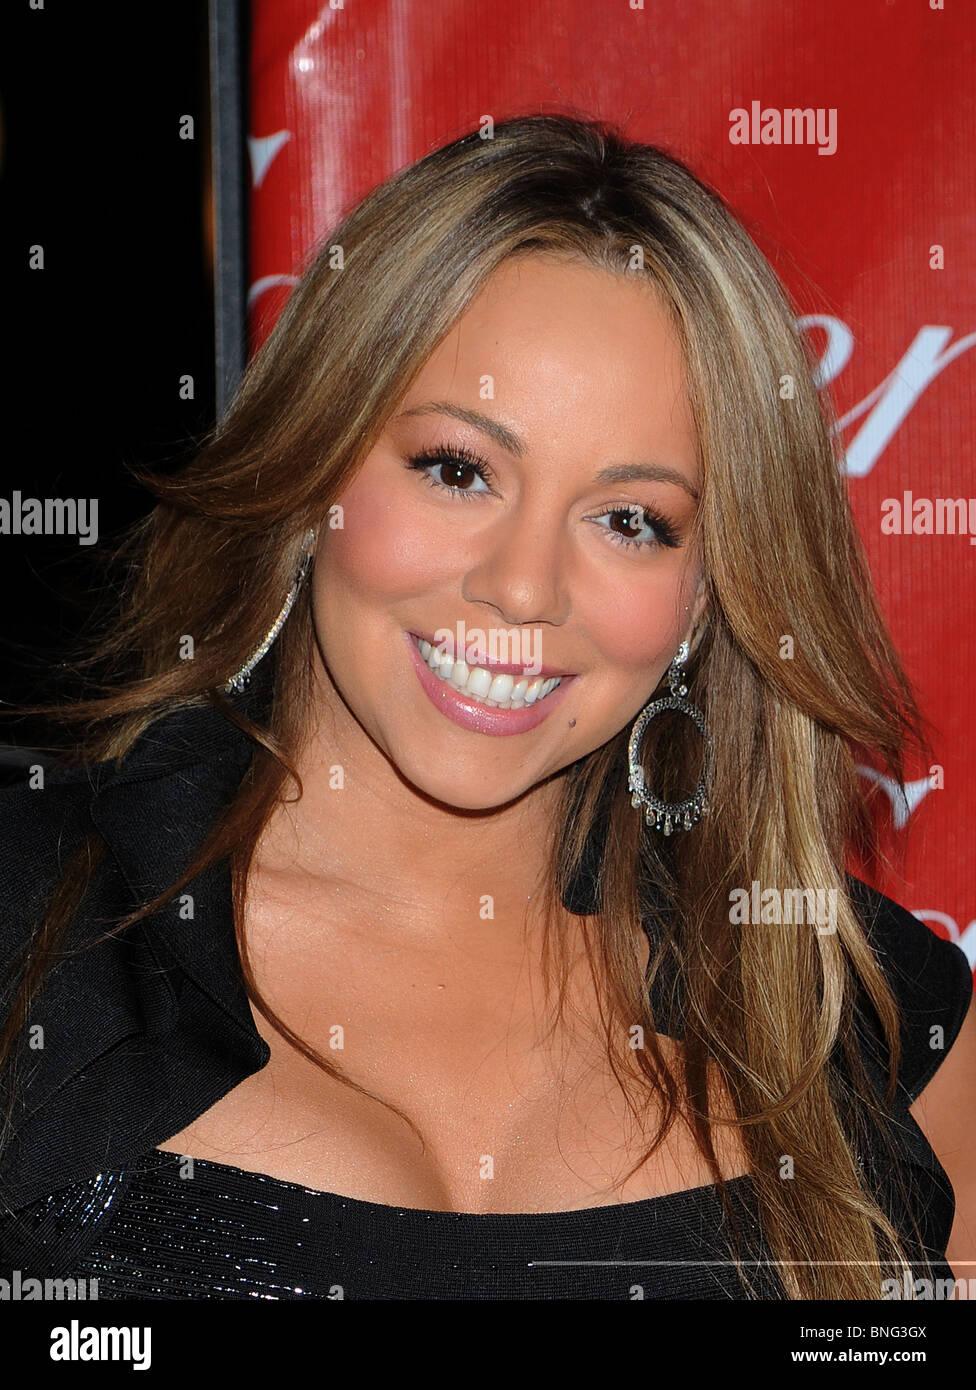 MARIAH CAREY - US-Sängerin im Januar 2010 Stockbild